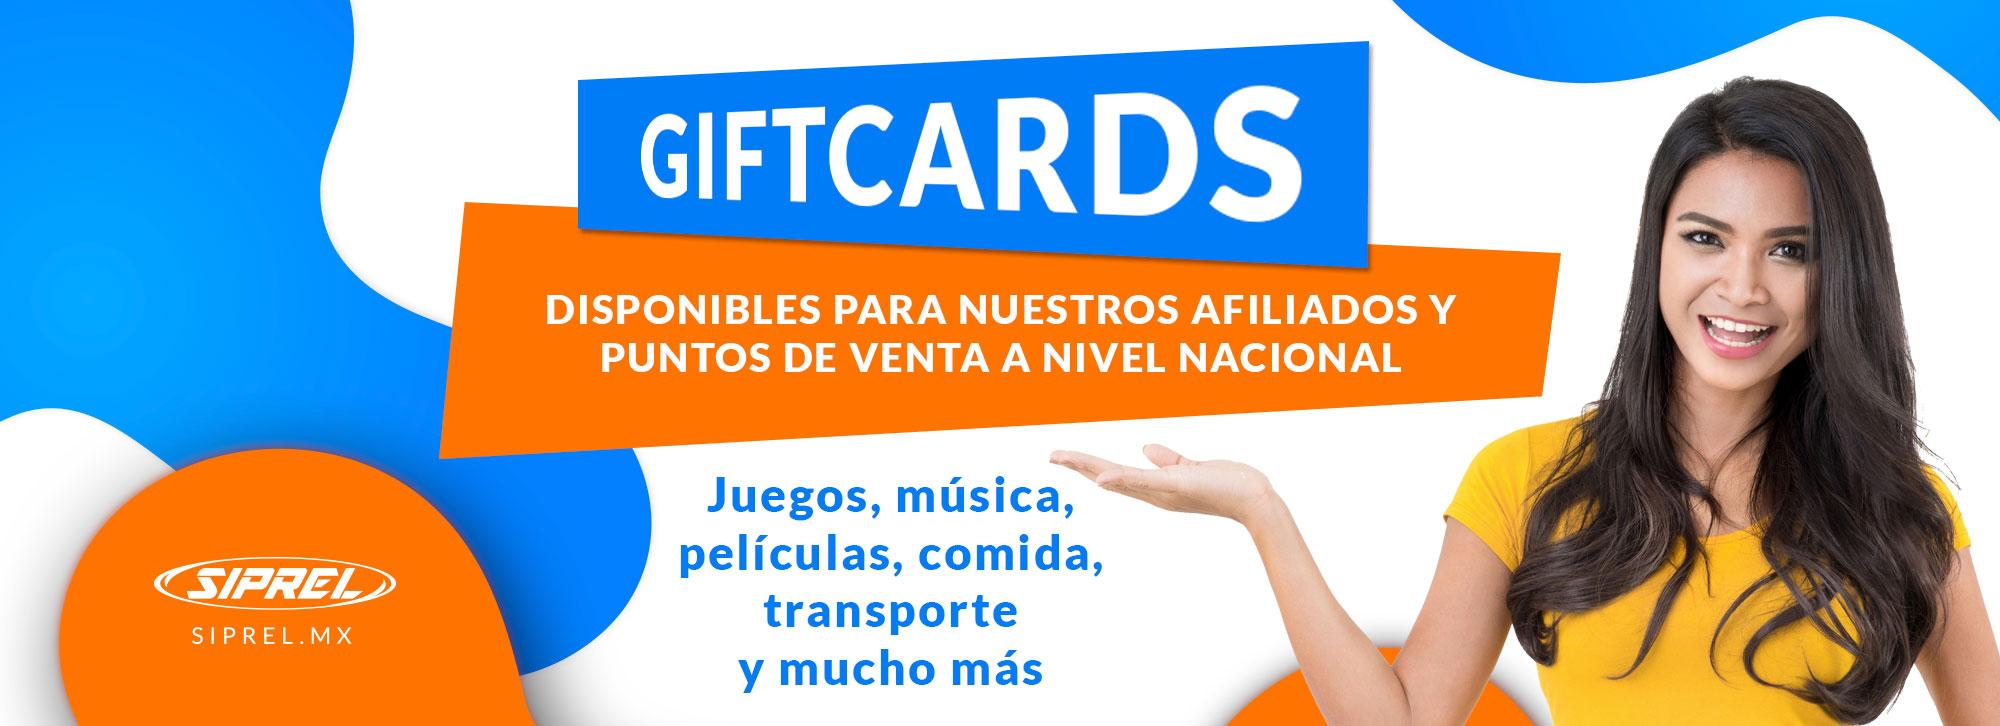 Vende tarjetas de regalo (gif cards) con la misma plataforma con la que puedes vender tiempo aire en tu negocio.